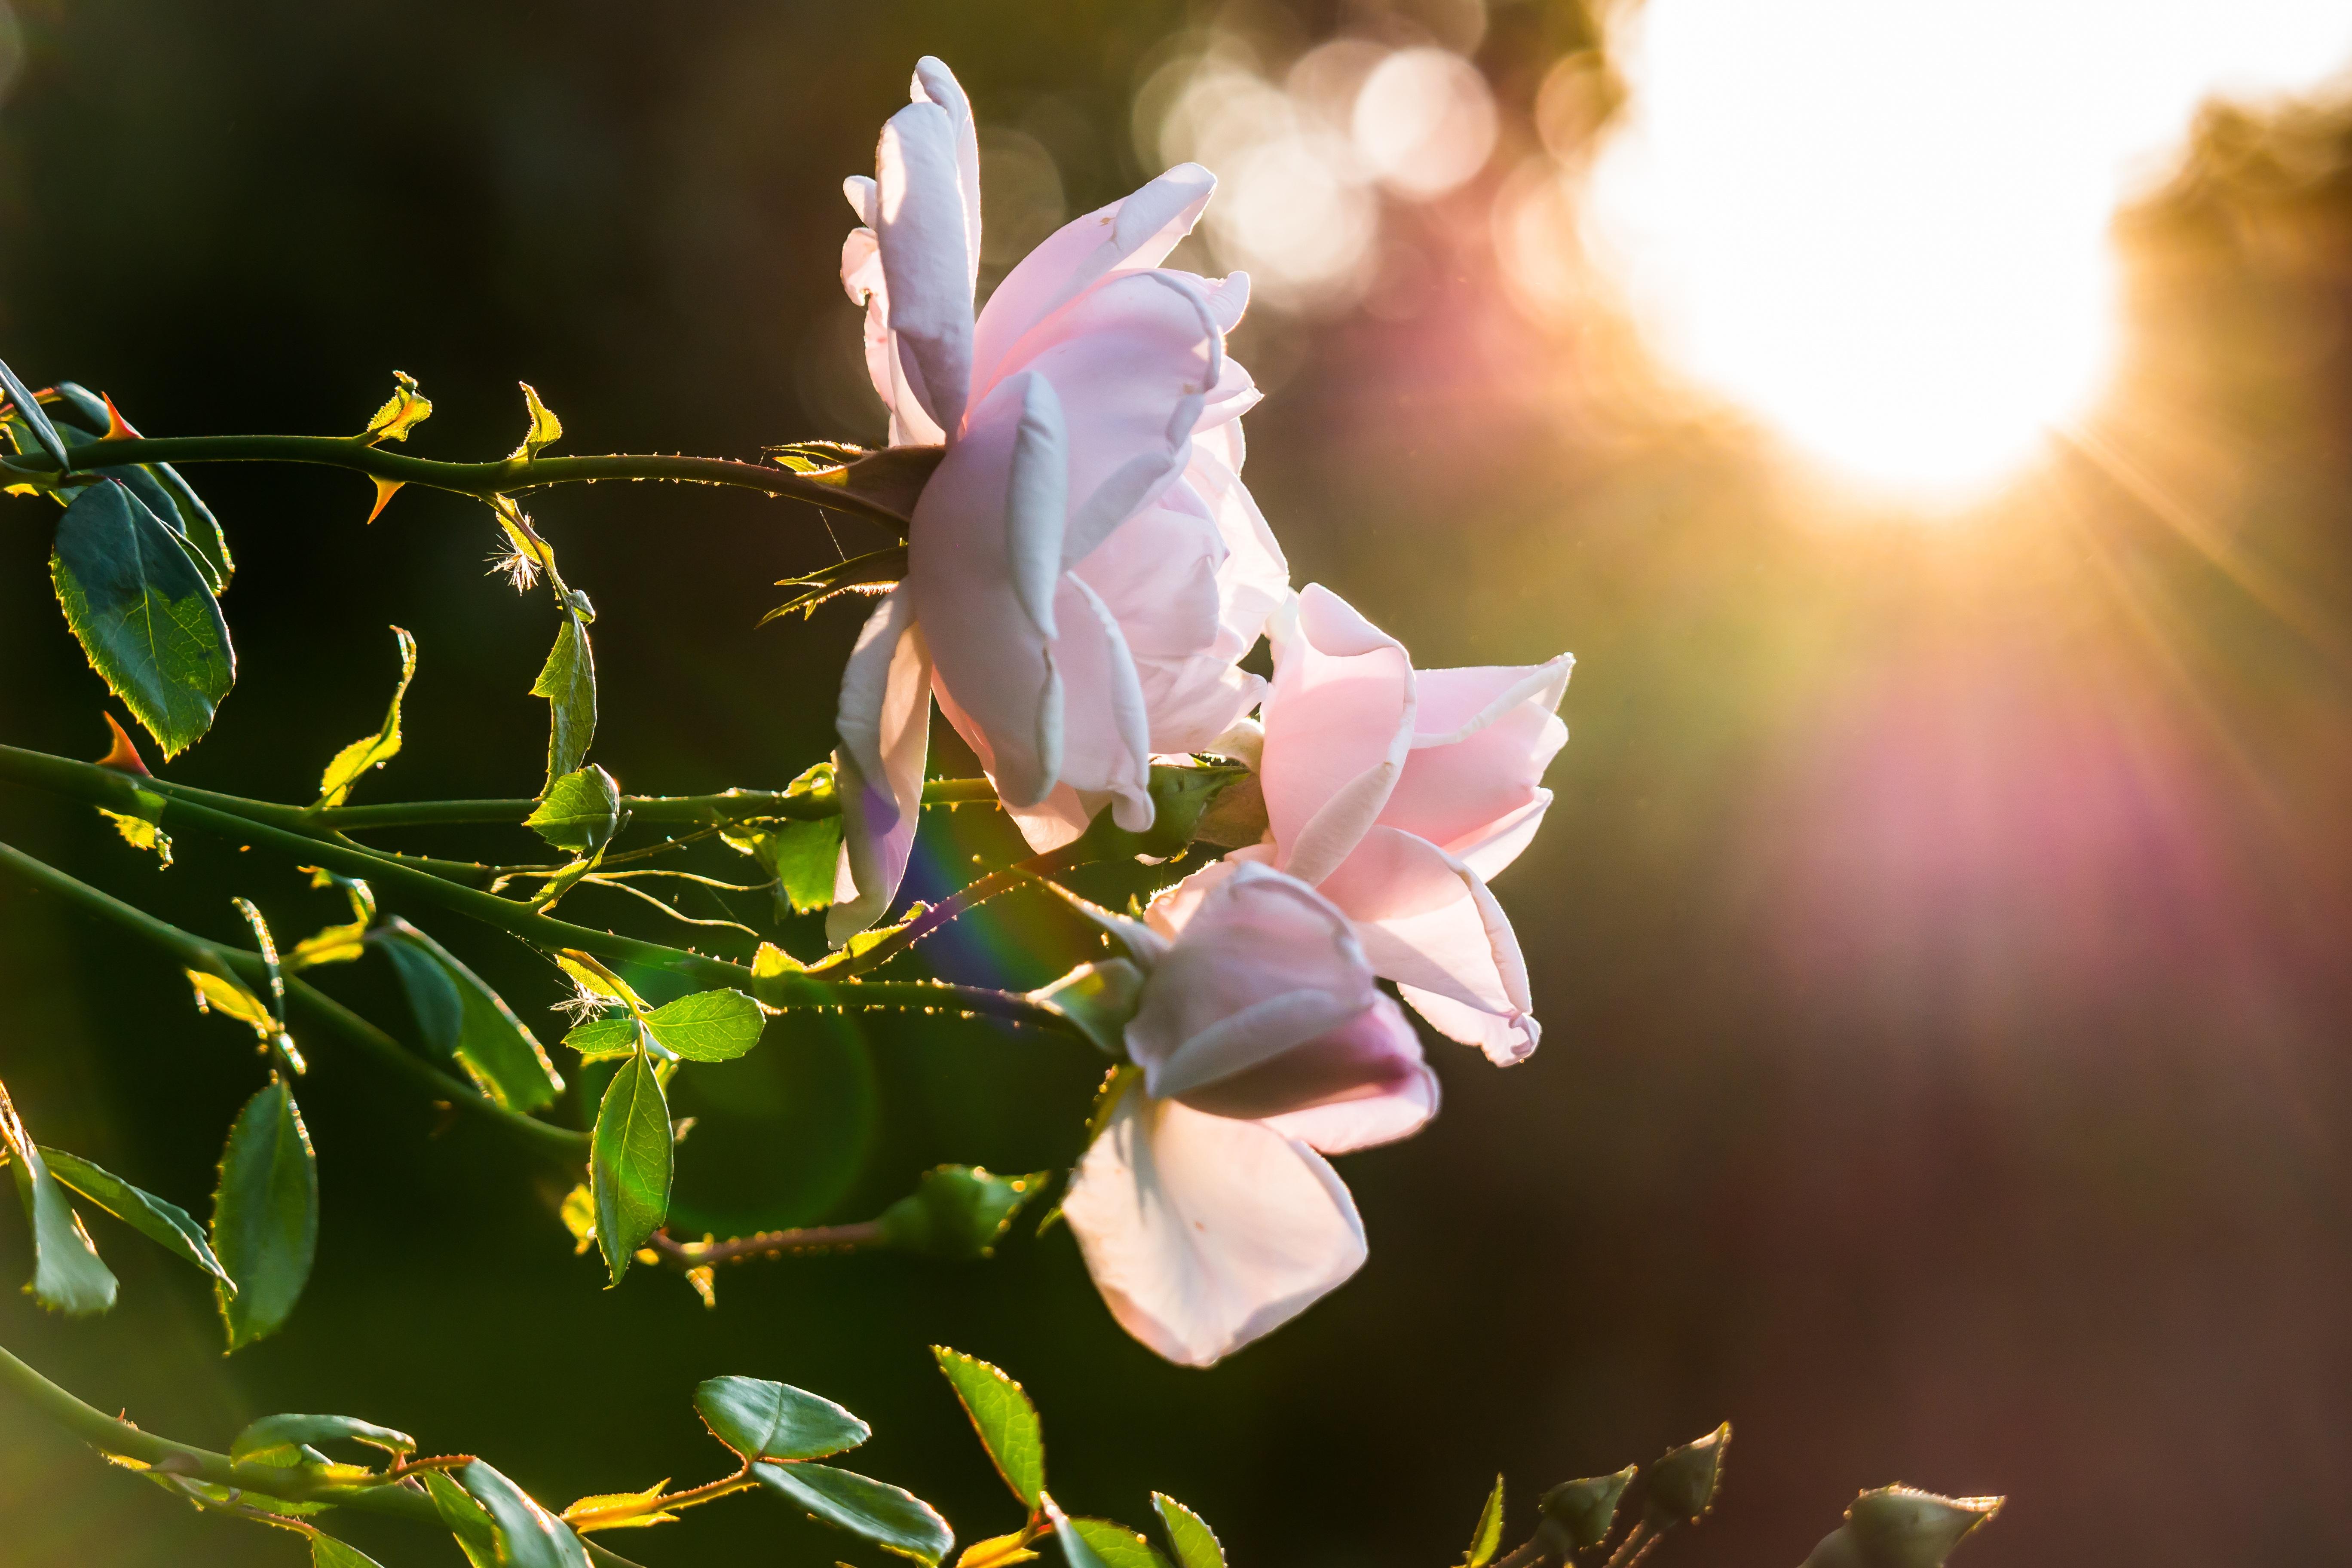 Gambar Alam Cabang Mekar Menanam Matahari Terbenam Sinar